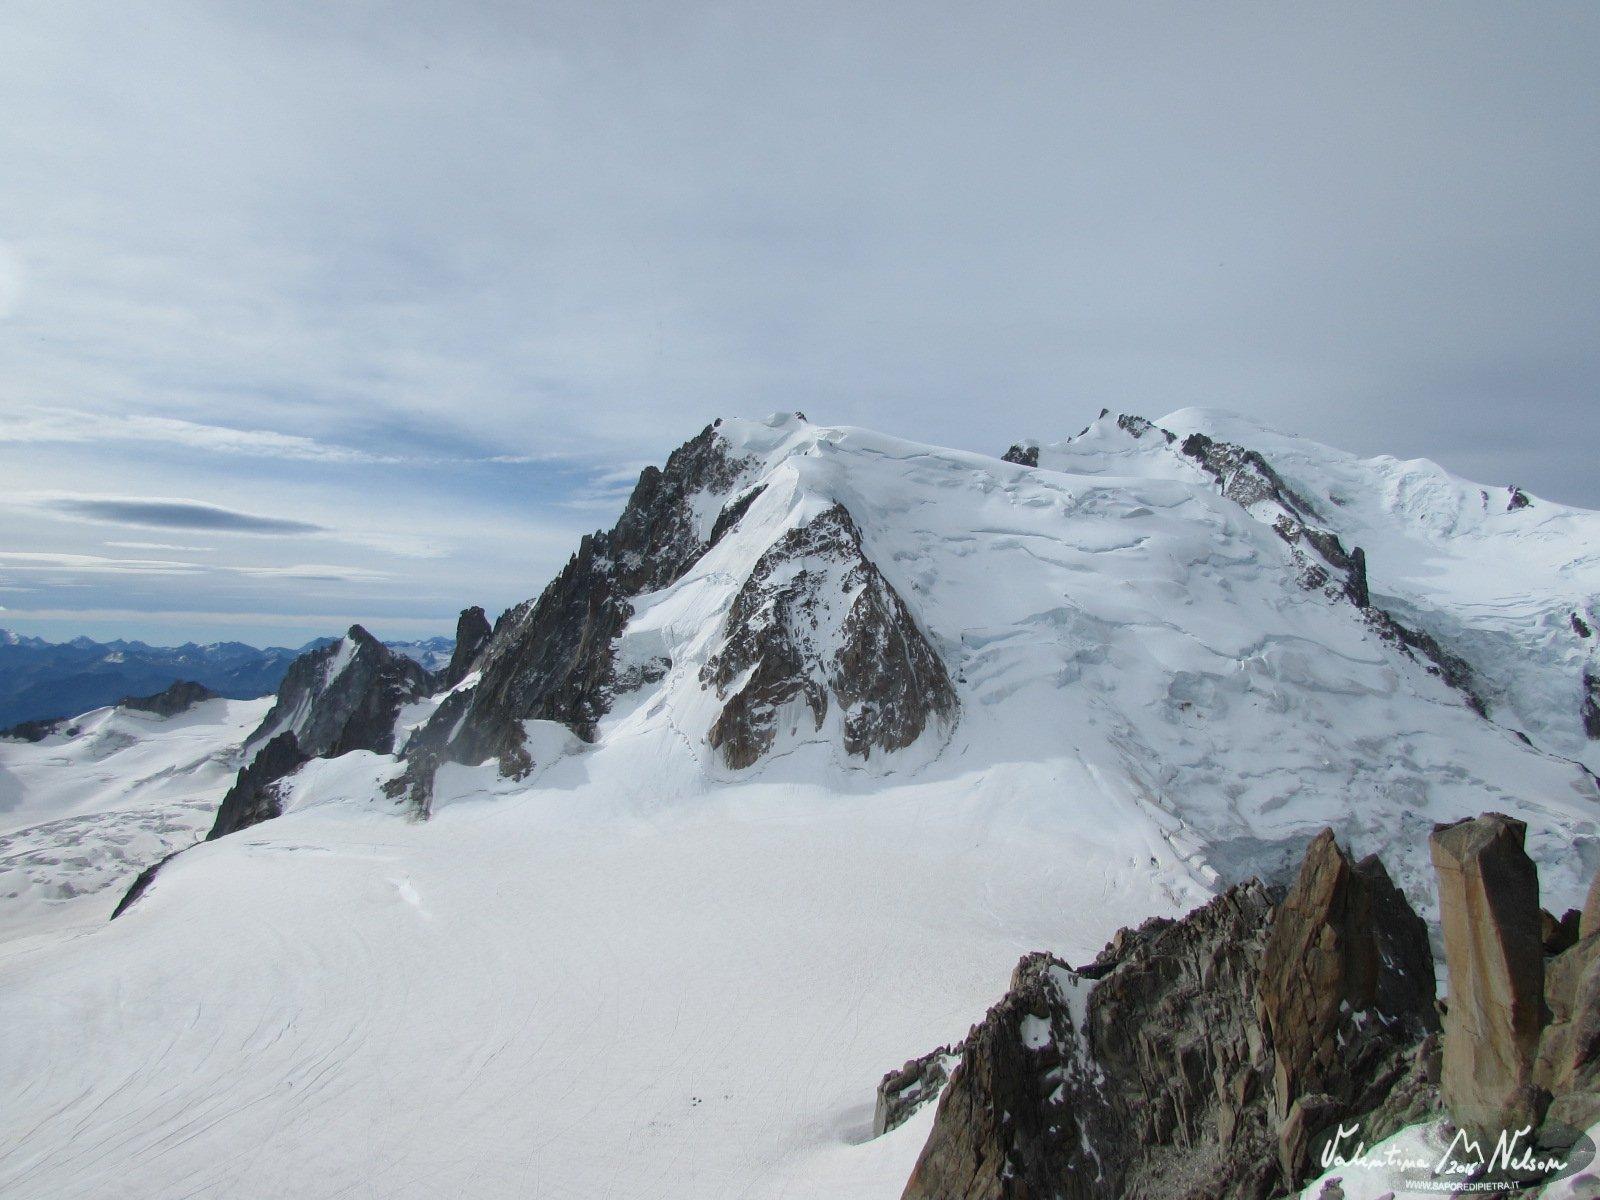 Da Chamonix all'Aiguille-du-Midi (Monte Bianco) | Sapore di